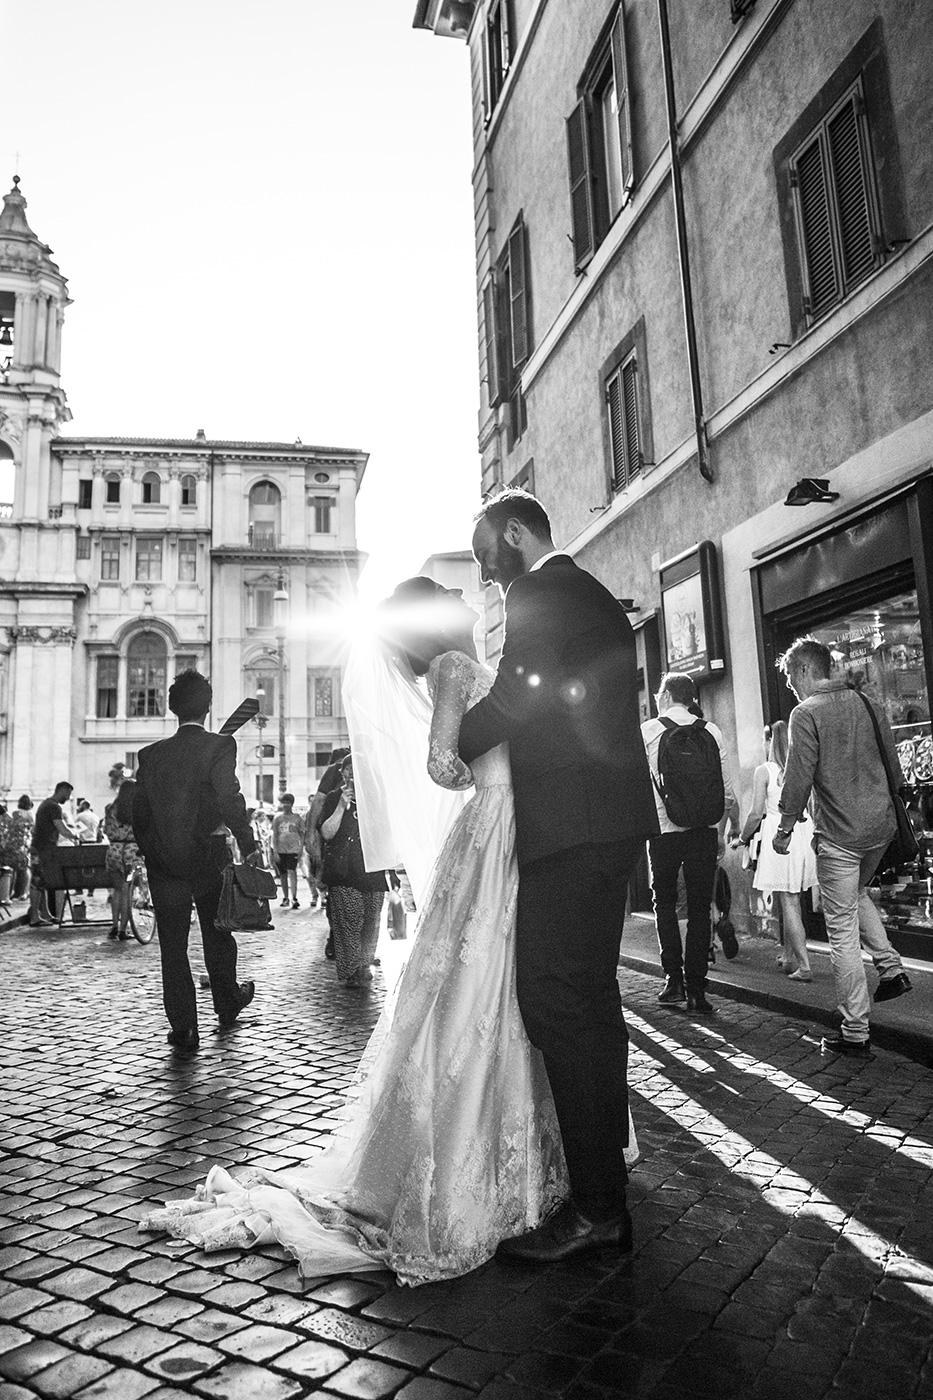 fotografo matrimonio Roma foto in bianco e nero